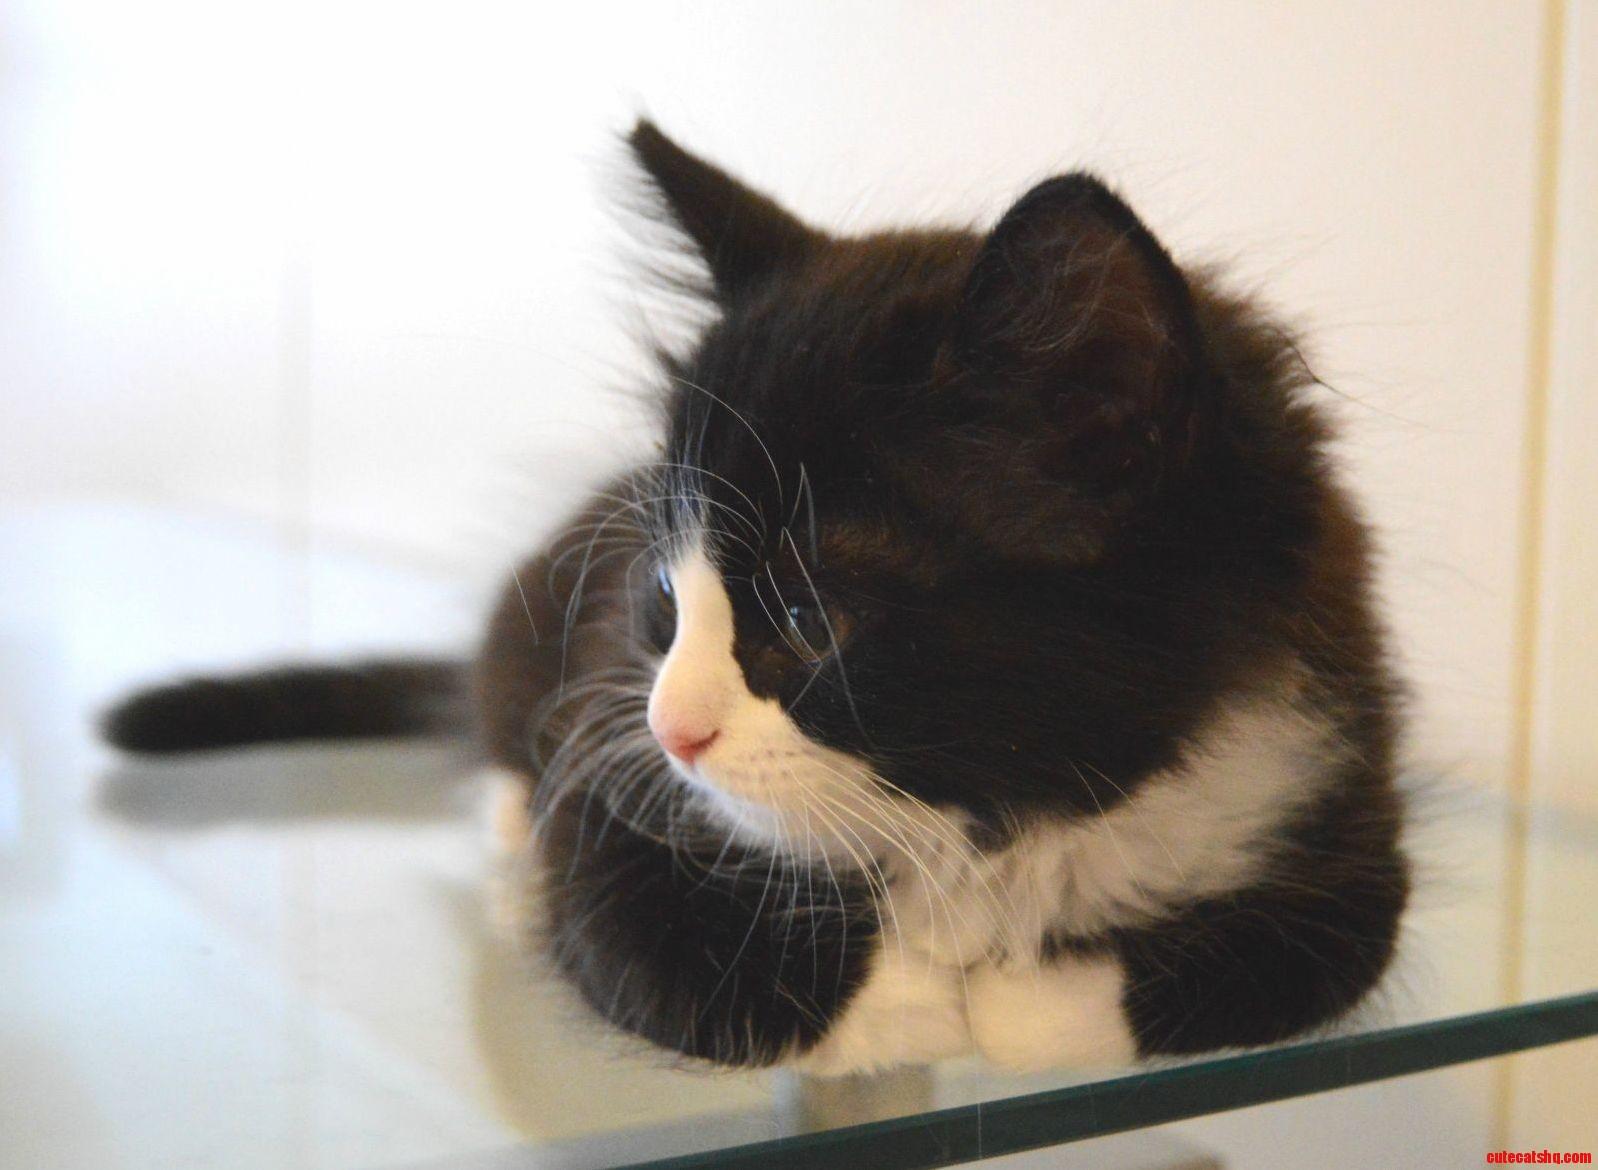 Kitten loaf on glass